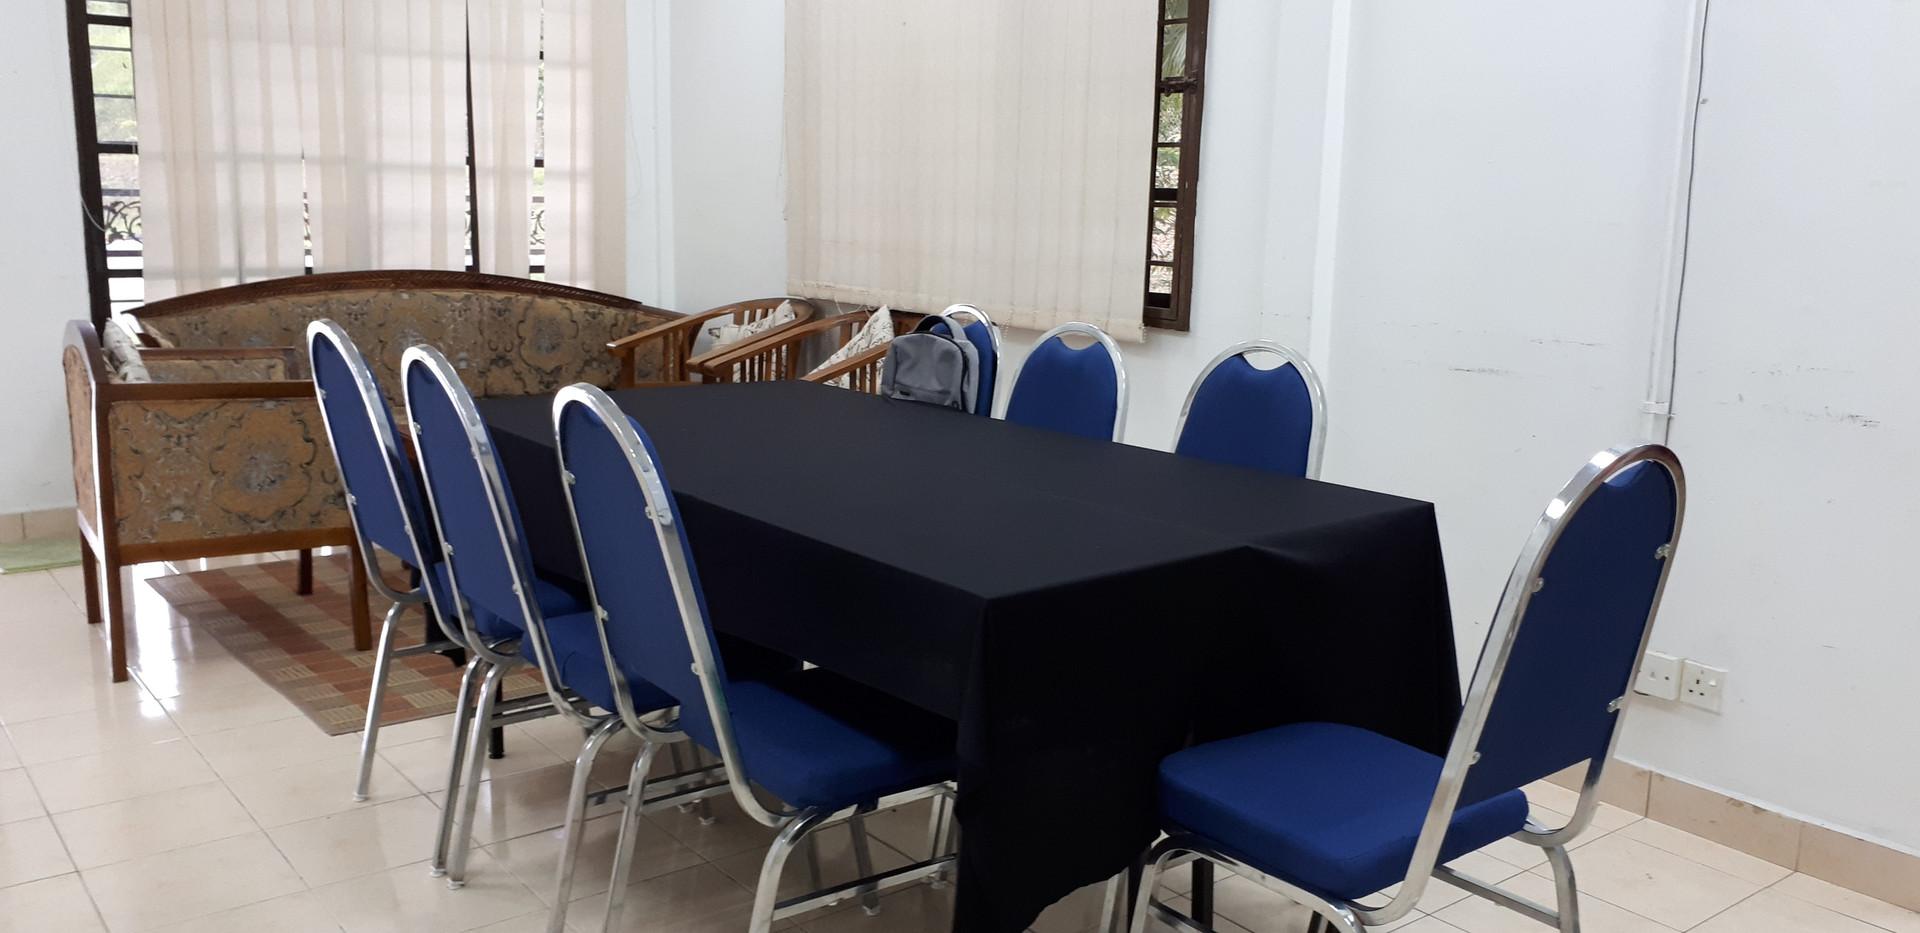 Rumah Alumni UiTM